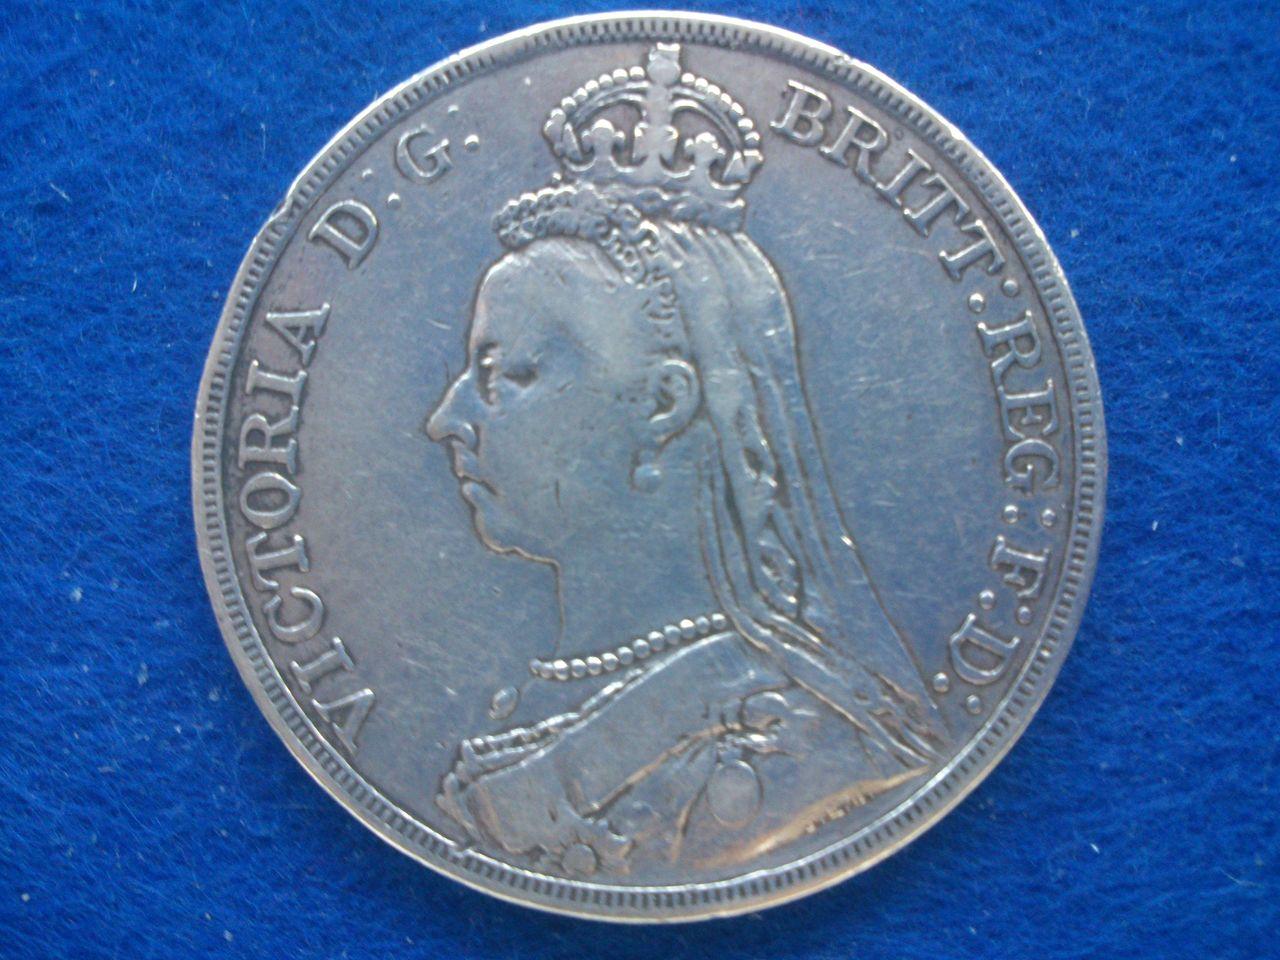 1 corona Reina Victoria 1890 Gran Bretaña 1_Corona_1890_R_Victoria